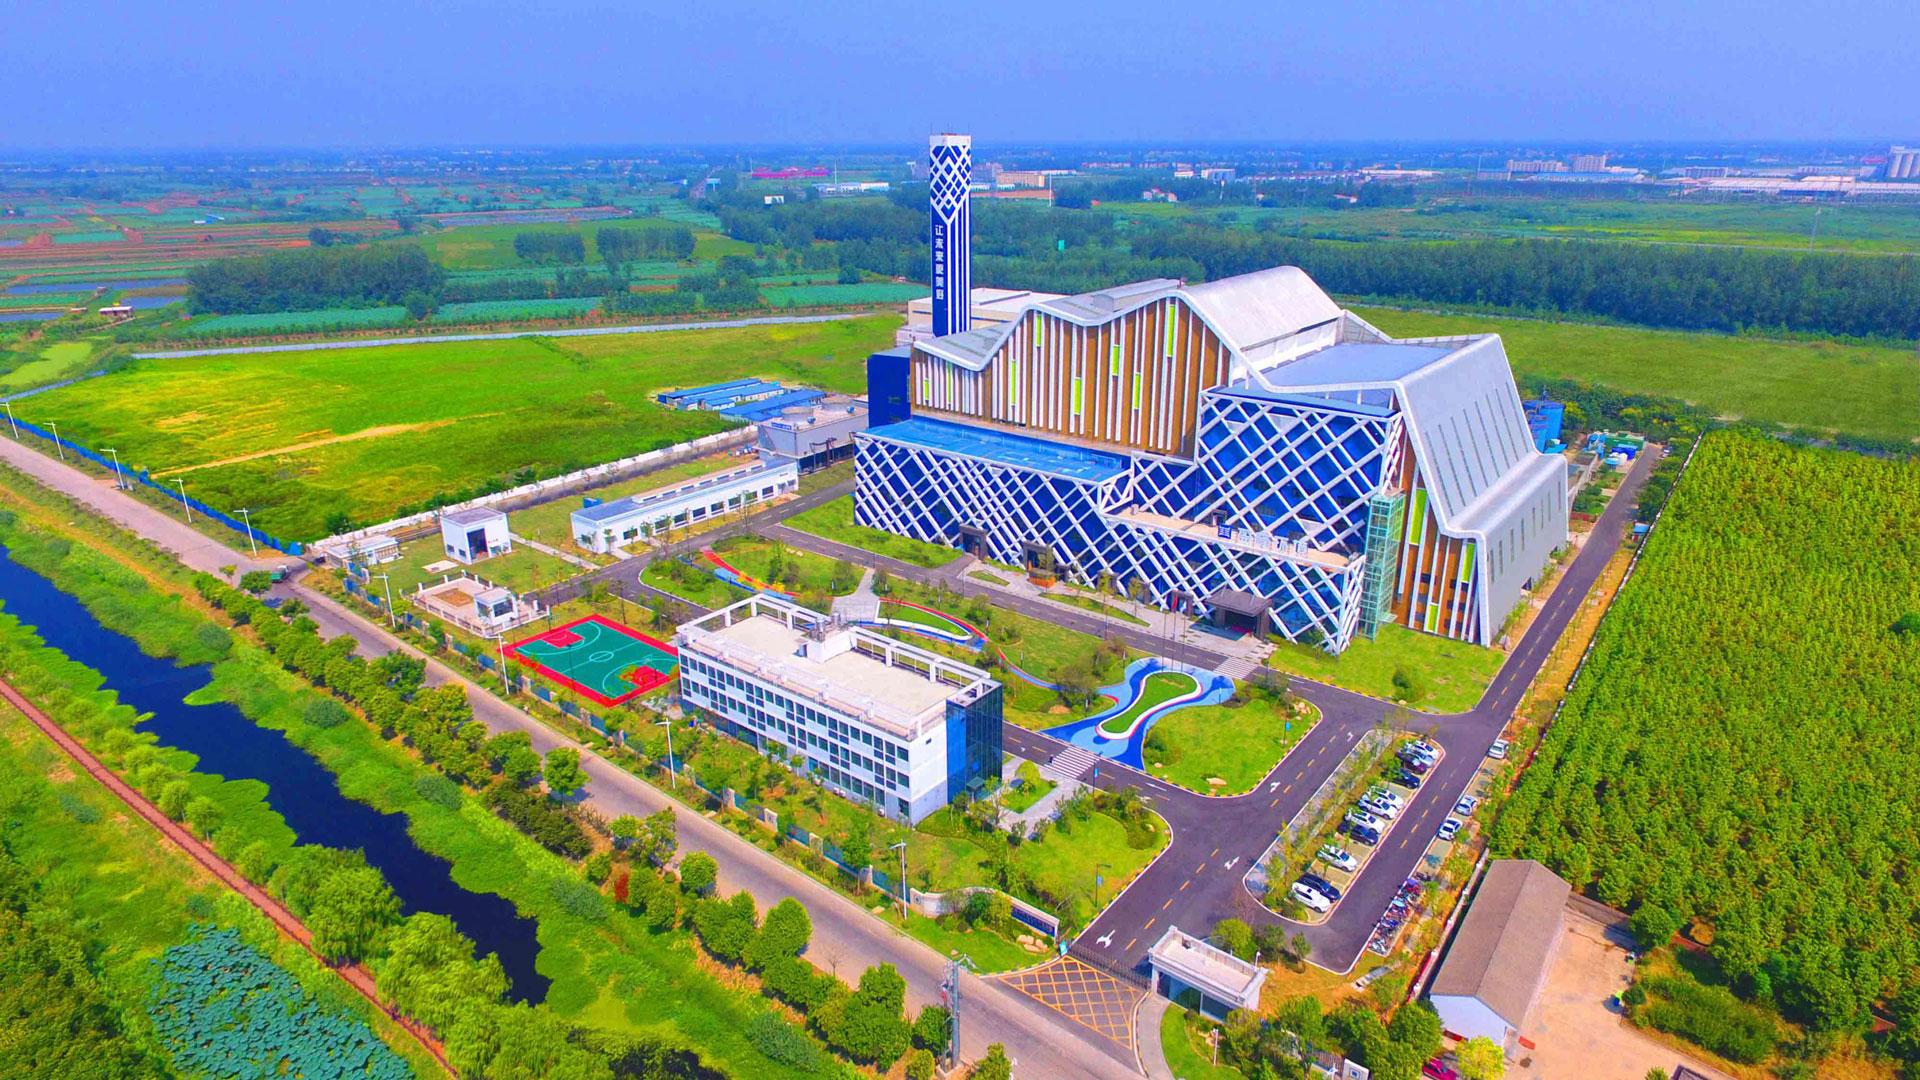 湖北省仙桃市生活垃圾焚烧发电项目正式运行